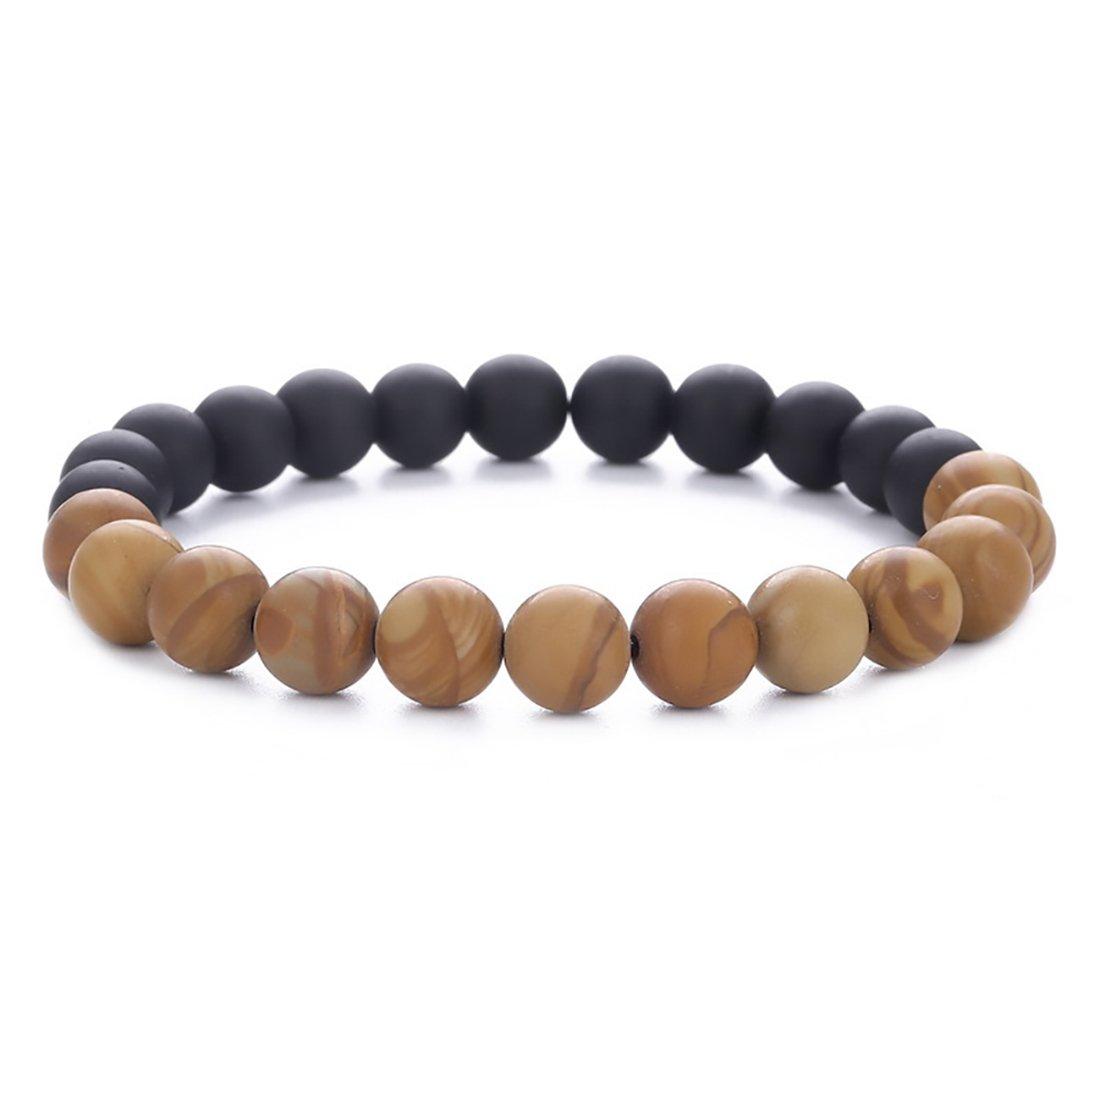 Xington Energy Focus Meditation Bead Bracelet … (1)